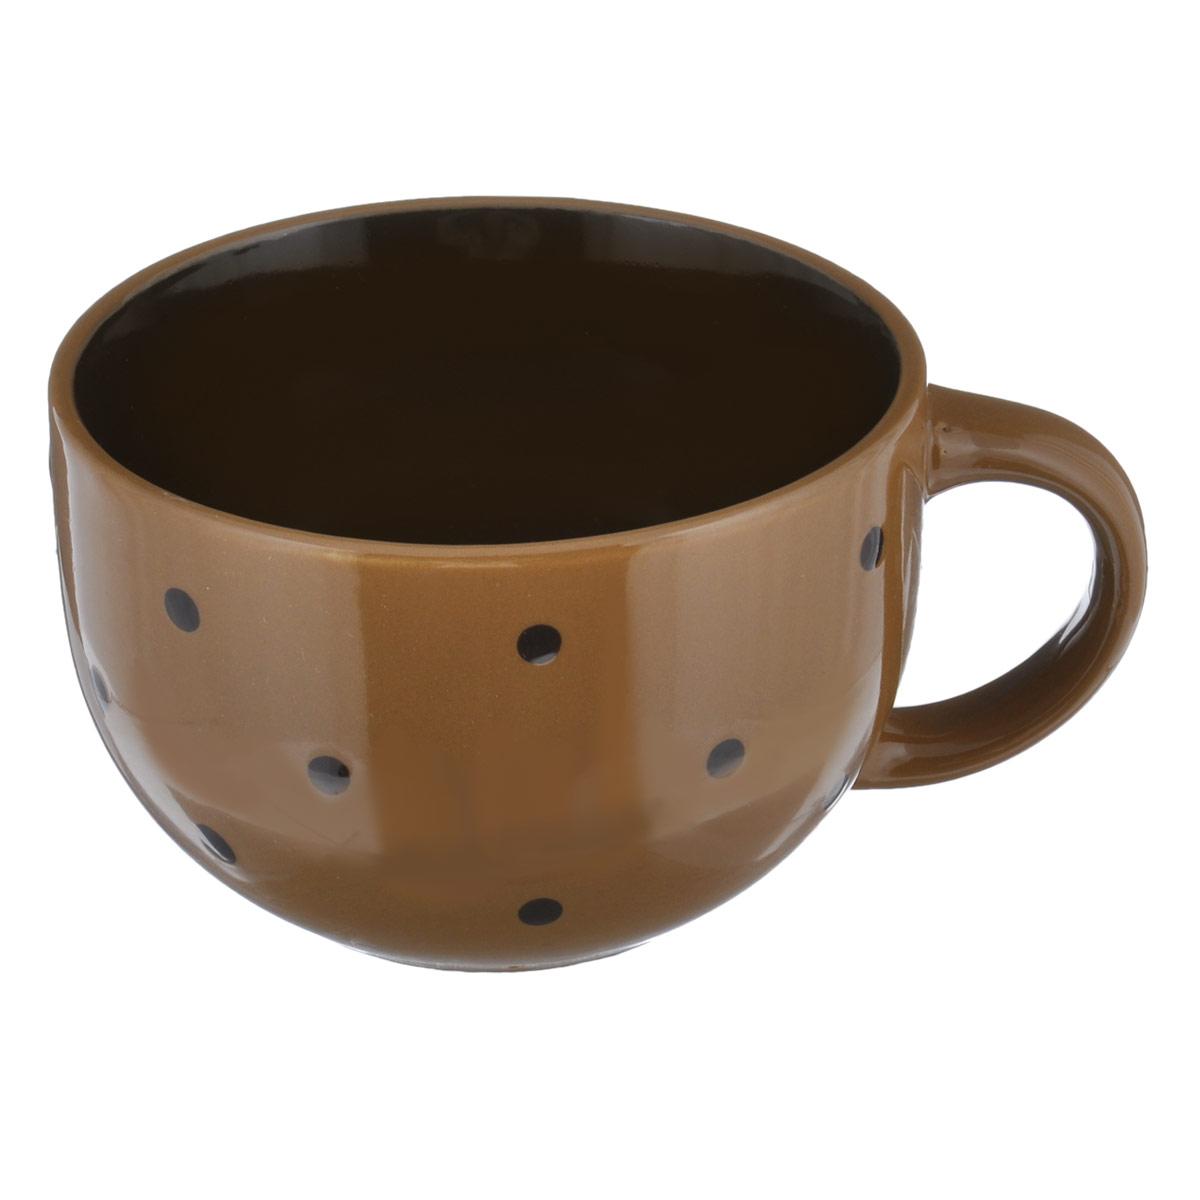 Чашка большая Горошек, цвет: светло-коричневый, 640 млHV95516BR светло-коричневыйБольшая чашка Горошек изготовлена из высококачественной керамики. Первоклассная глина, двухступенчатый обжиг, мягкие краски и простой контрастный рисунок в горошек на глянцевой поверхности - отличительные особенности данного изделия. Такая чашка прекрасно подойдет для горячих и холодных напитков, а также для супа, хлопьев, каш и т.д. Она дополнит коллекцию вашей кухонной посуды и будет служить долгие годы. Можно использовать в посудомоечной машине и СВЧ. Поверхность не царапается при щадящем мытье, без использования абразивов и химически агрессивных моющих средств. Объем: 640 мл. Диаметр чашки (по верхнему краю): 13 см. Высота стенки чашки: 8,5 см.